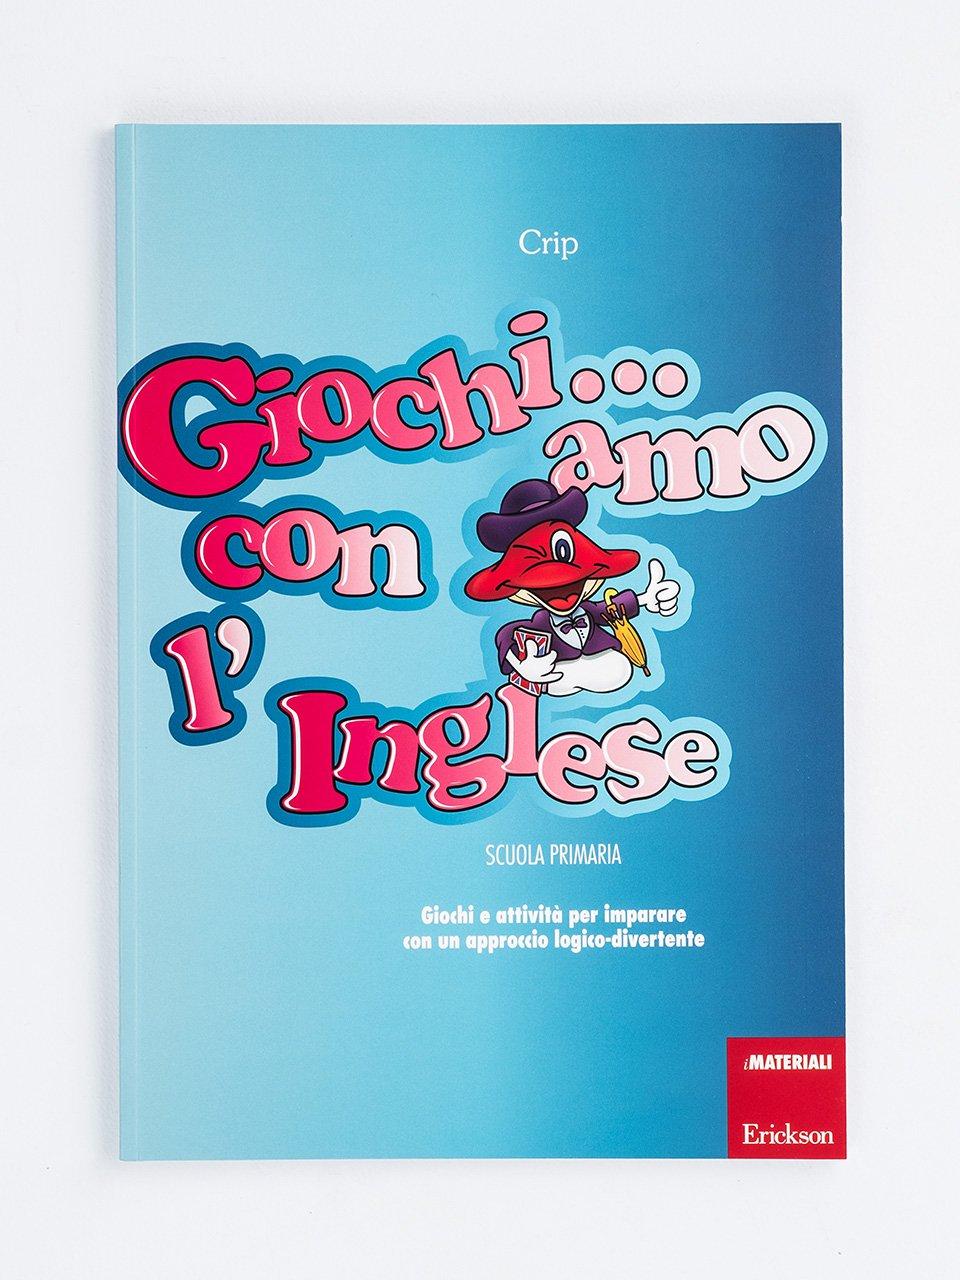 Giochi... amo con l'inglese - Scuola primaria - Schede per Tablotto (Età 8+) - Play and Learn with - Giochi - Erickson